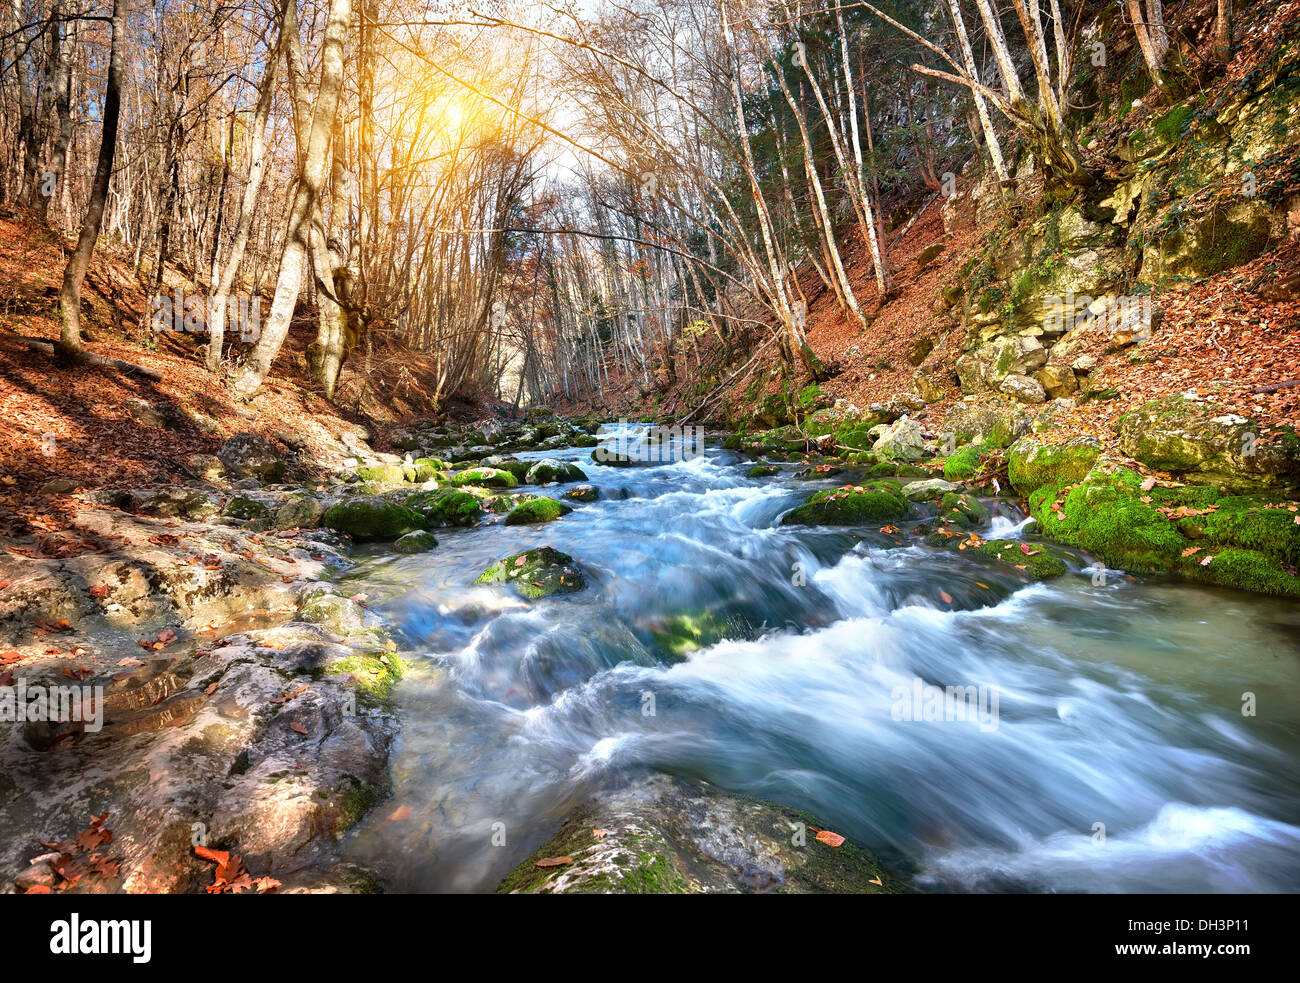 Rivière rapide dans une forêt de montagne sur une journée ensoleillée Photo Stock